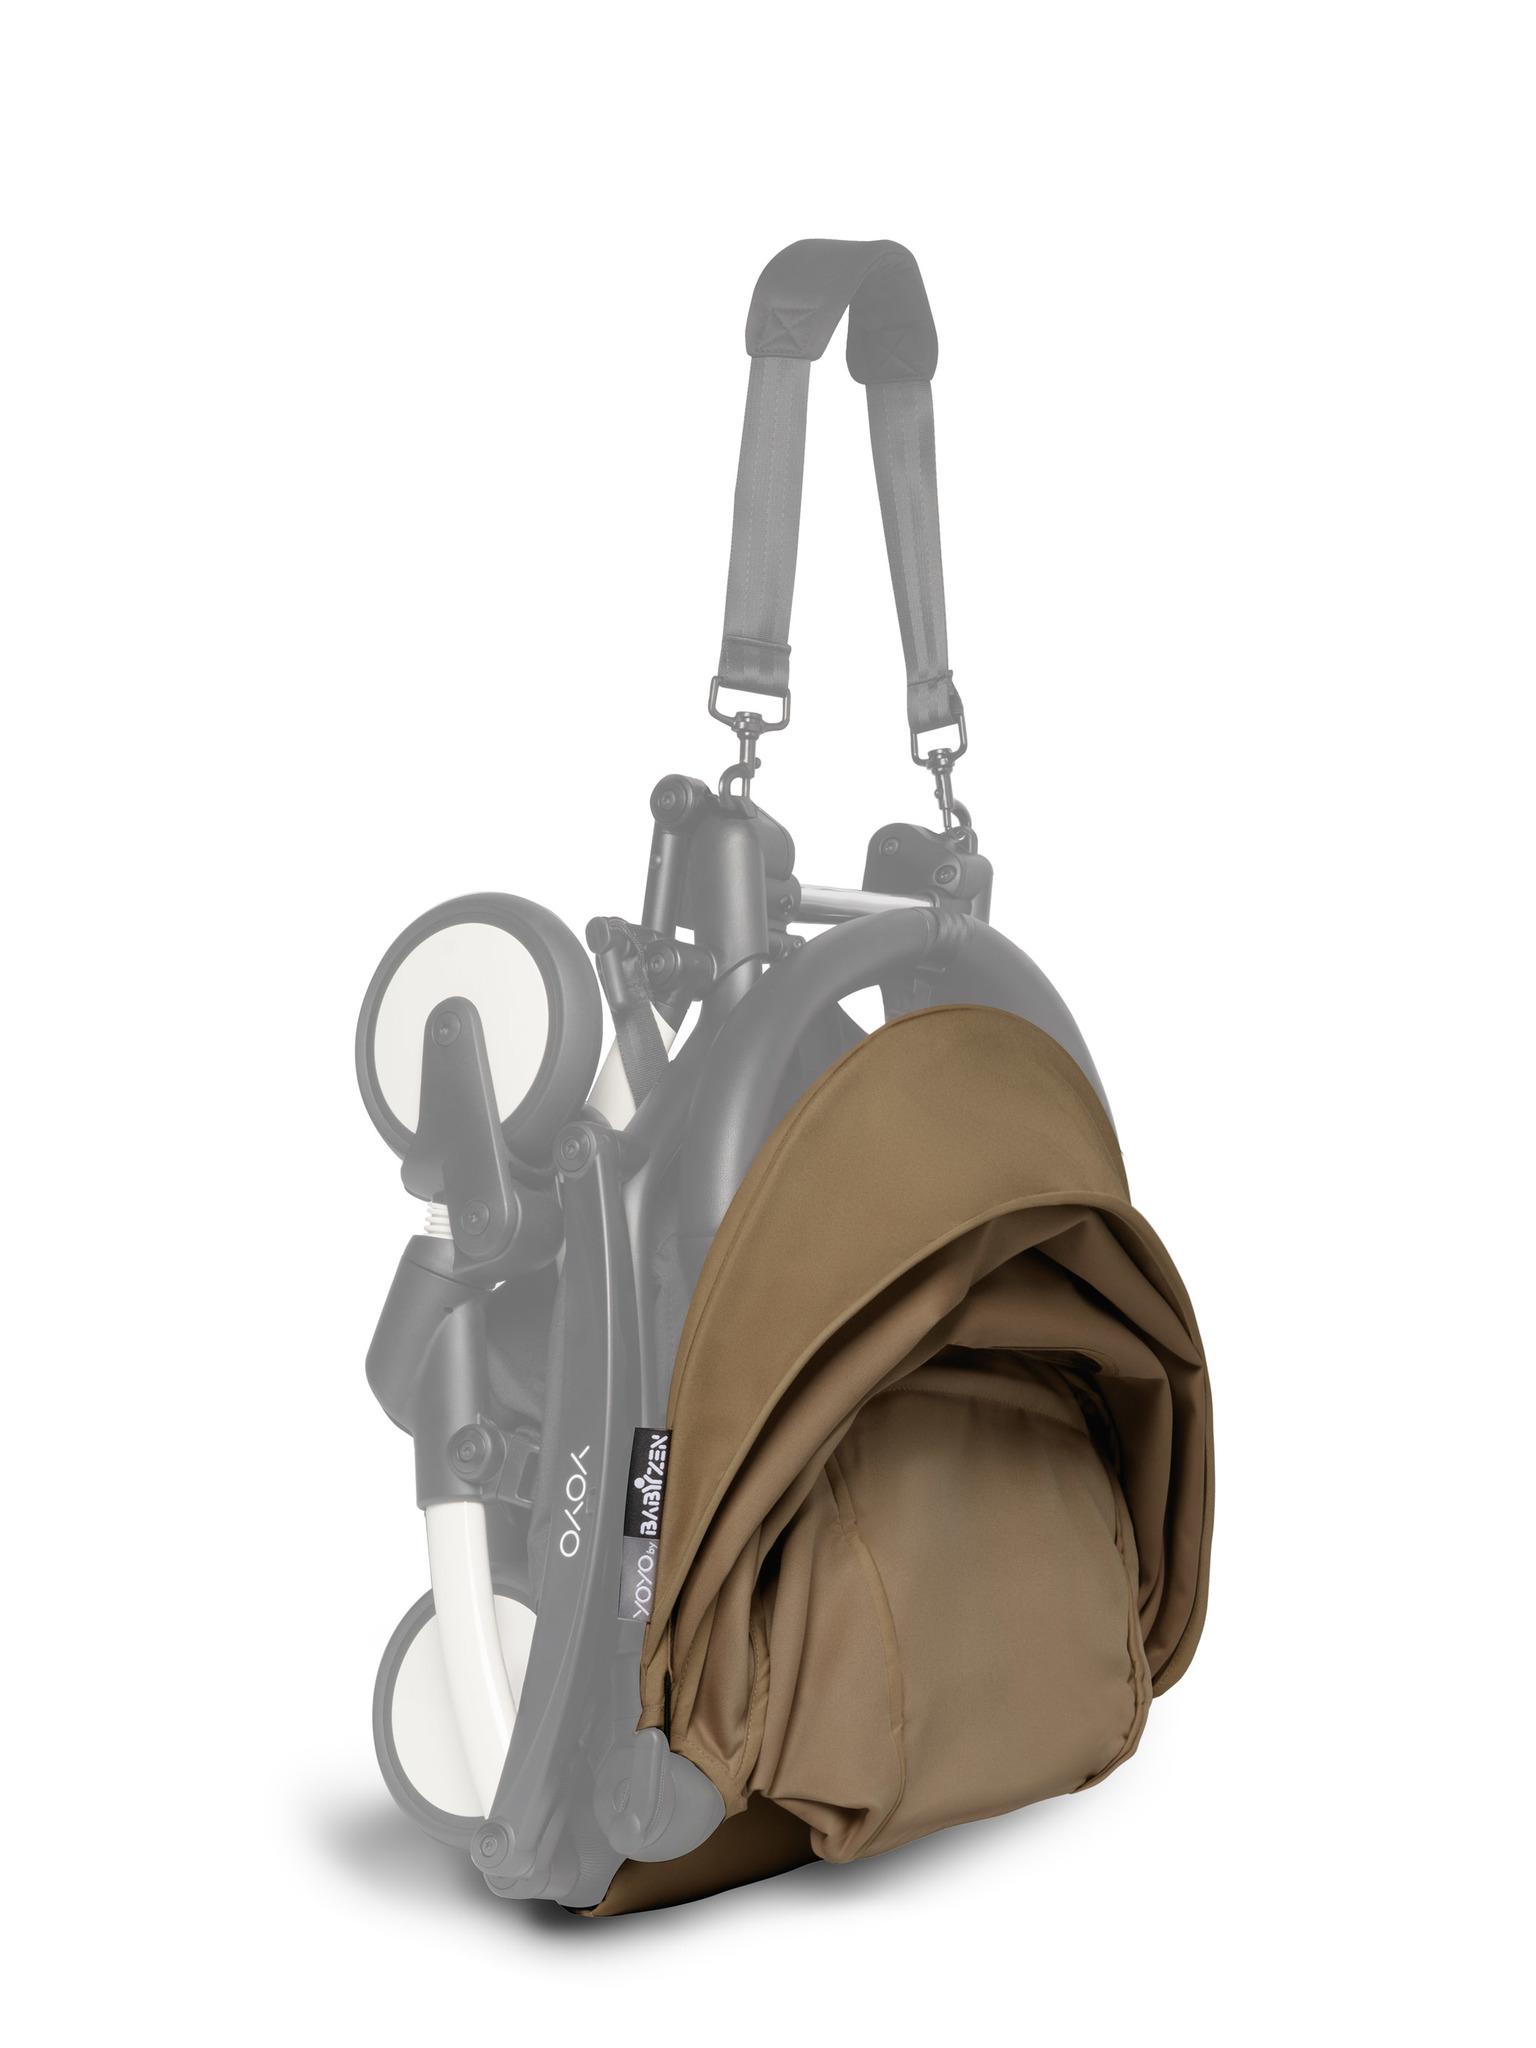 Текстиль сменный для колясок YoYo 6+ Toffee Тоффи